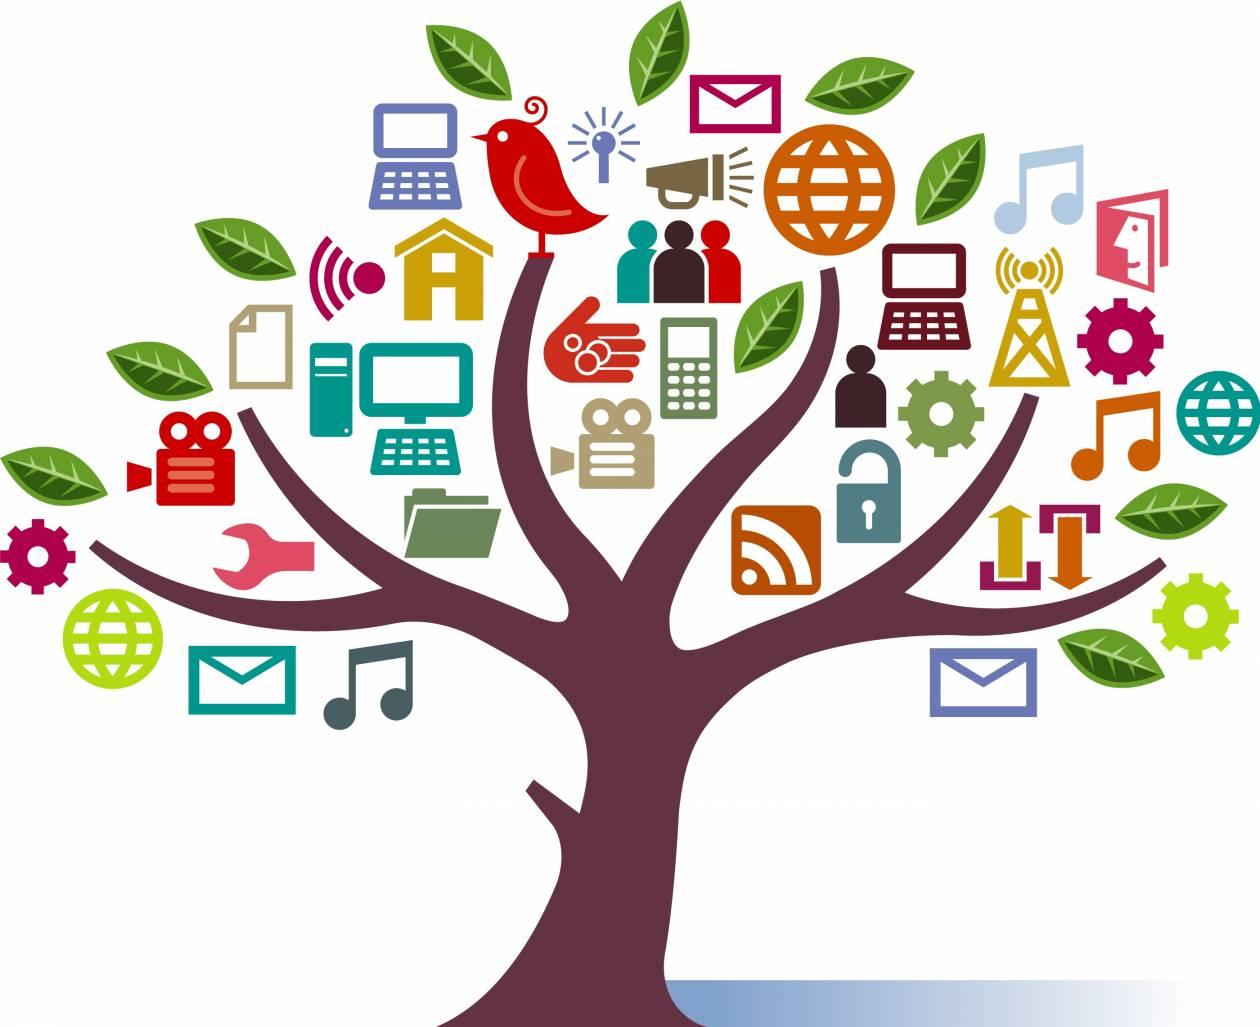 Η τεχνολογία στη ζωή μας: Τα Social Media σώζουν ζωές!